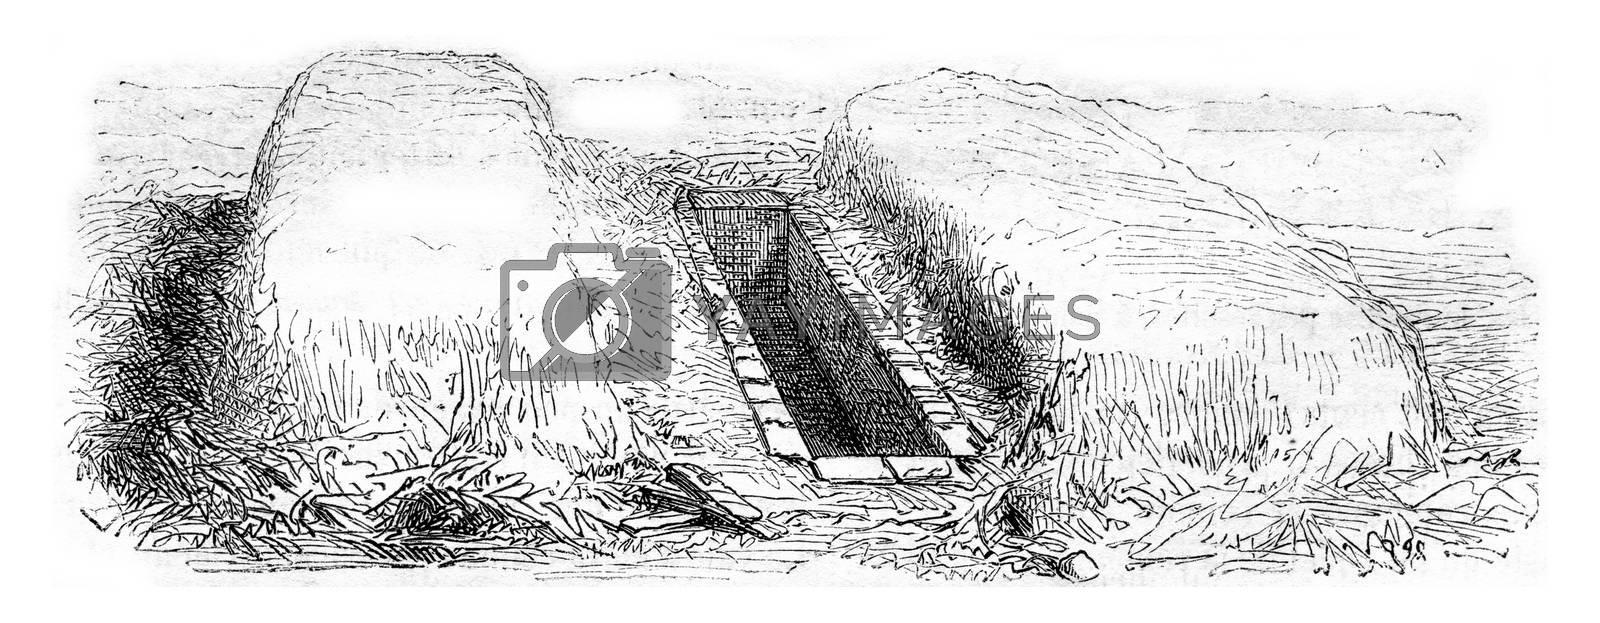 Manure pit, vintage engraved illustration. Magasin Pittoresque 1857.